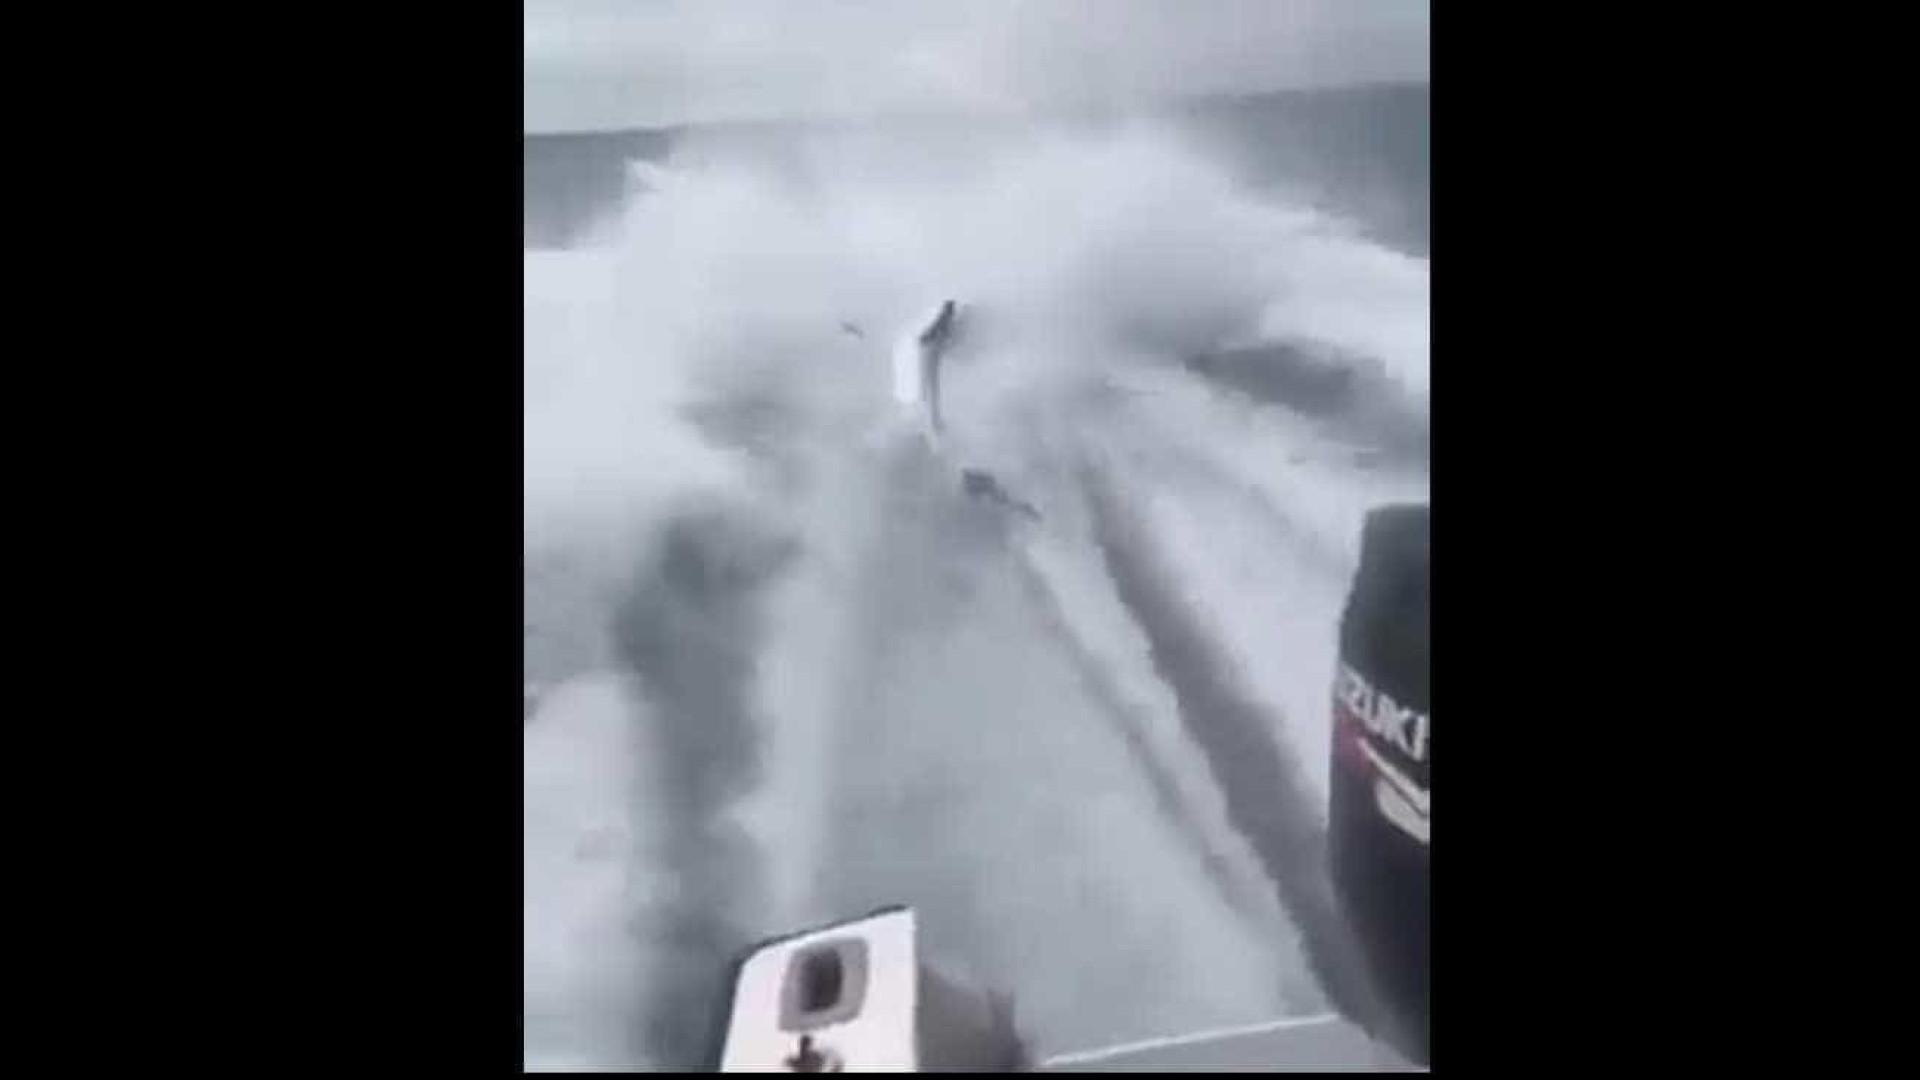 Grupo acusado de crueldade animal. Arrastaram tubarão preso a barco